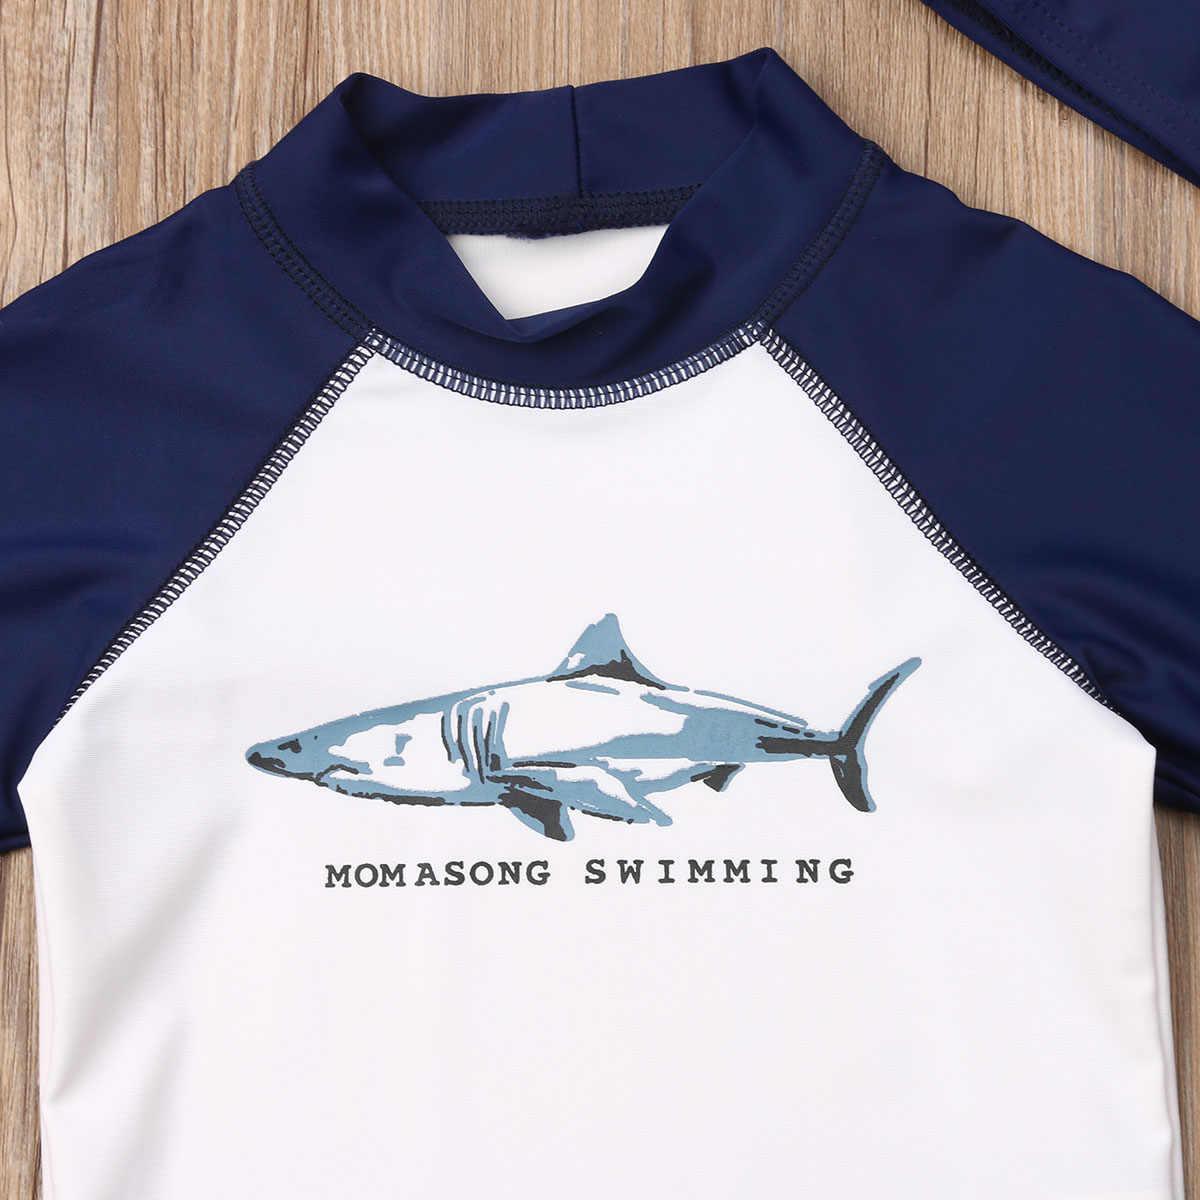 الاطفال طفل رضيع قصيرة الأكمام أعلى الملابس ملابس السباحة الاستحمام الشاطئ طفح الحرس بدلة ركوب الأمواج الملابس مجموعة